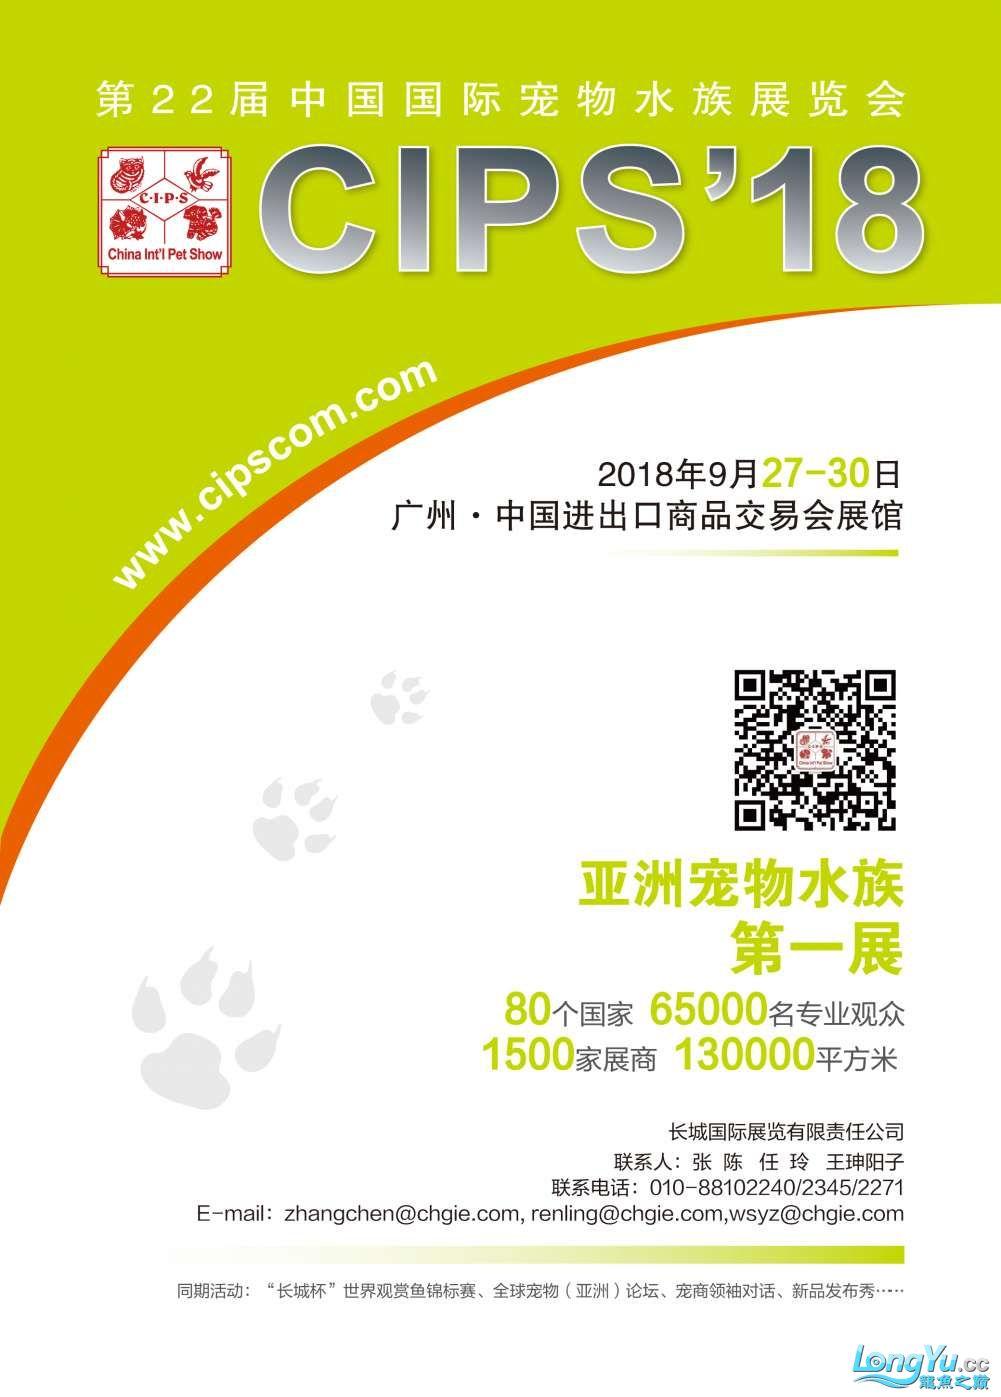 0717 18年长城中文广告.jpg